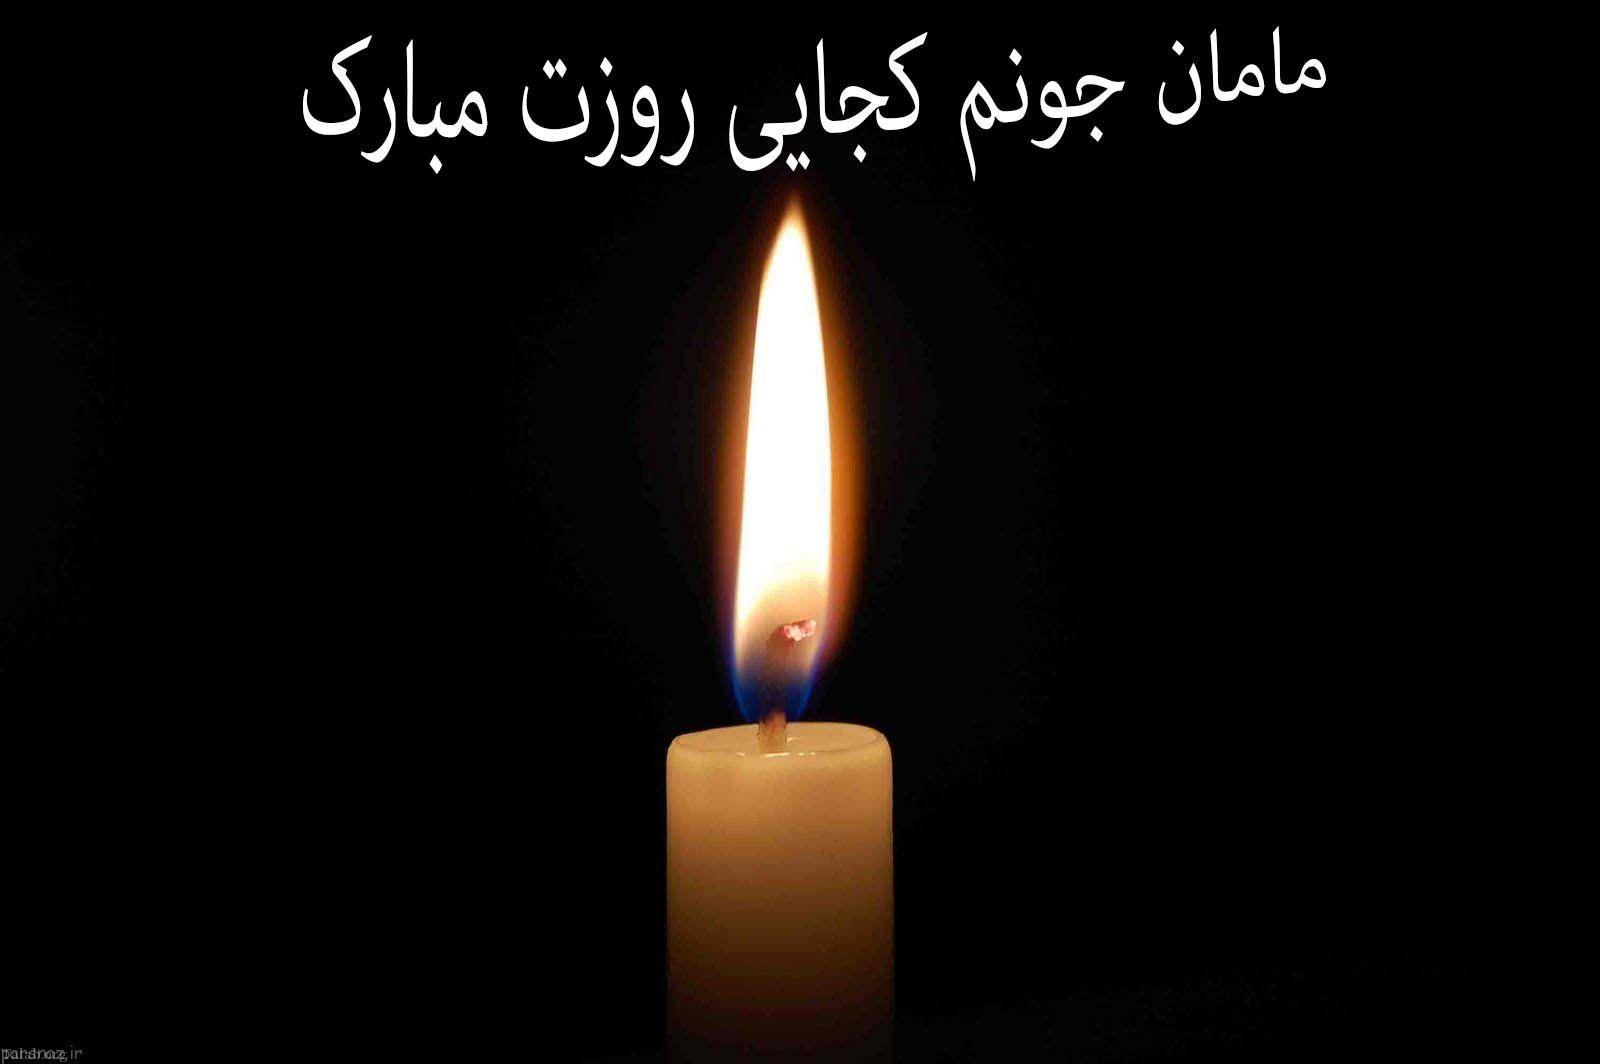 متن و عکس پروفایل غمناک برای تسلیت مادران فوت شده